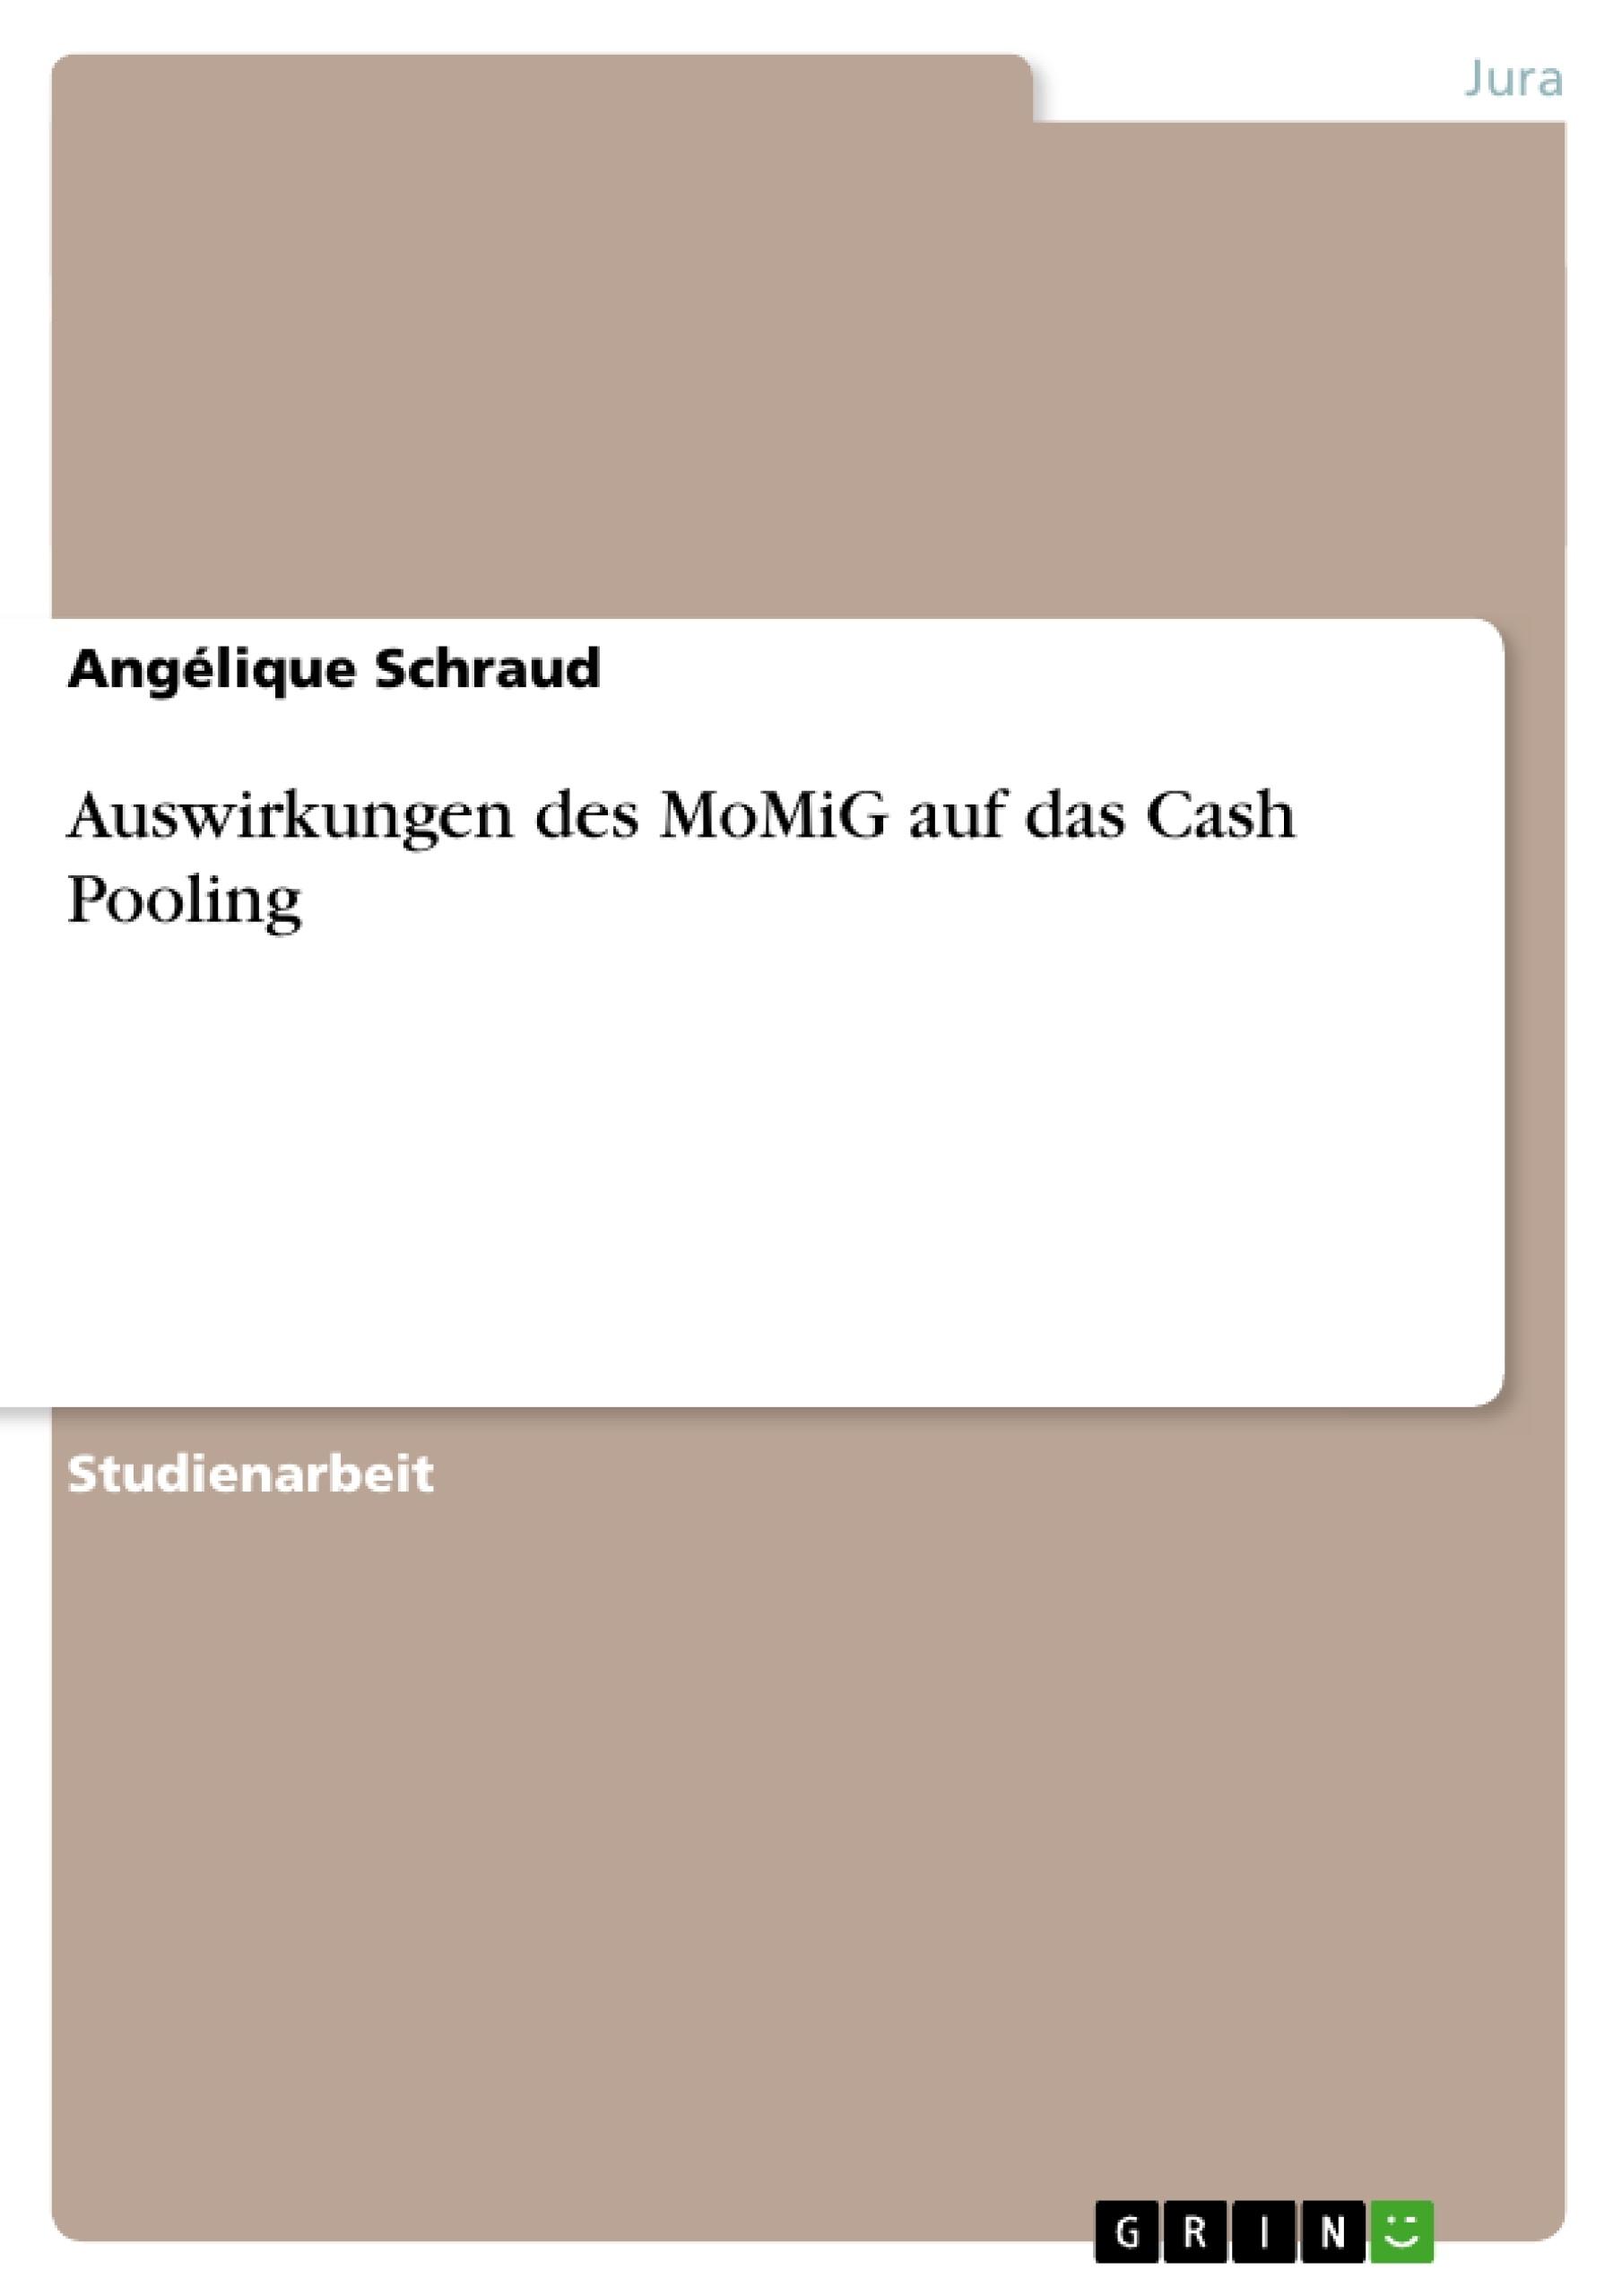 Titel: Auswirkungen des MoMiG auf das Cash Pooling